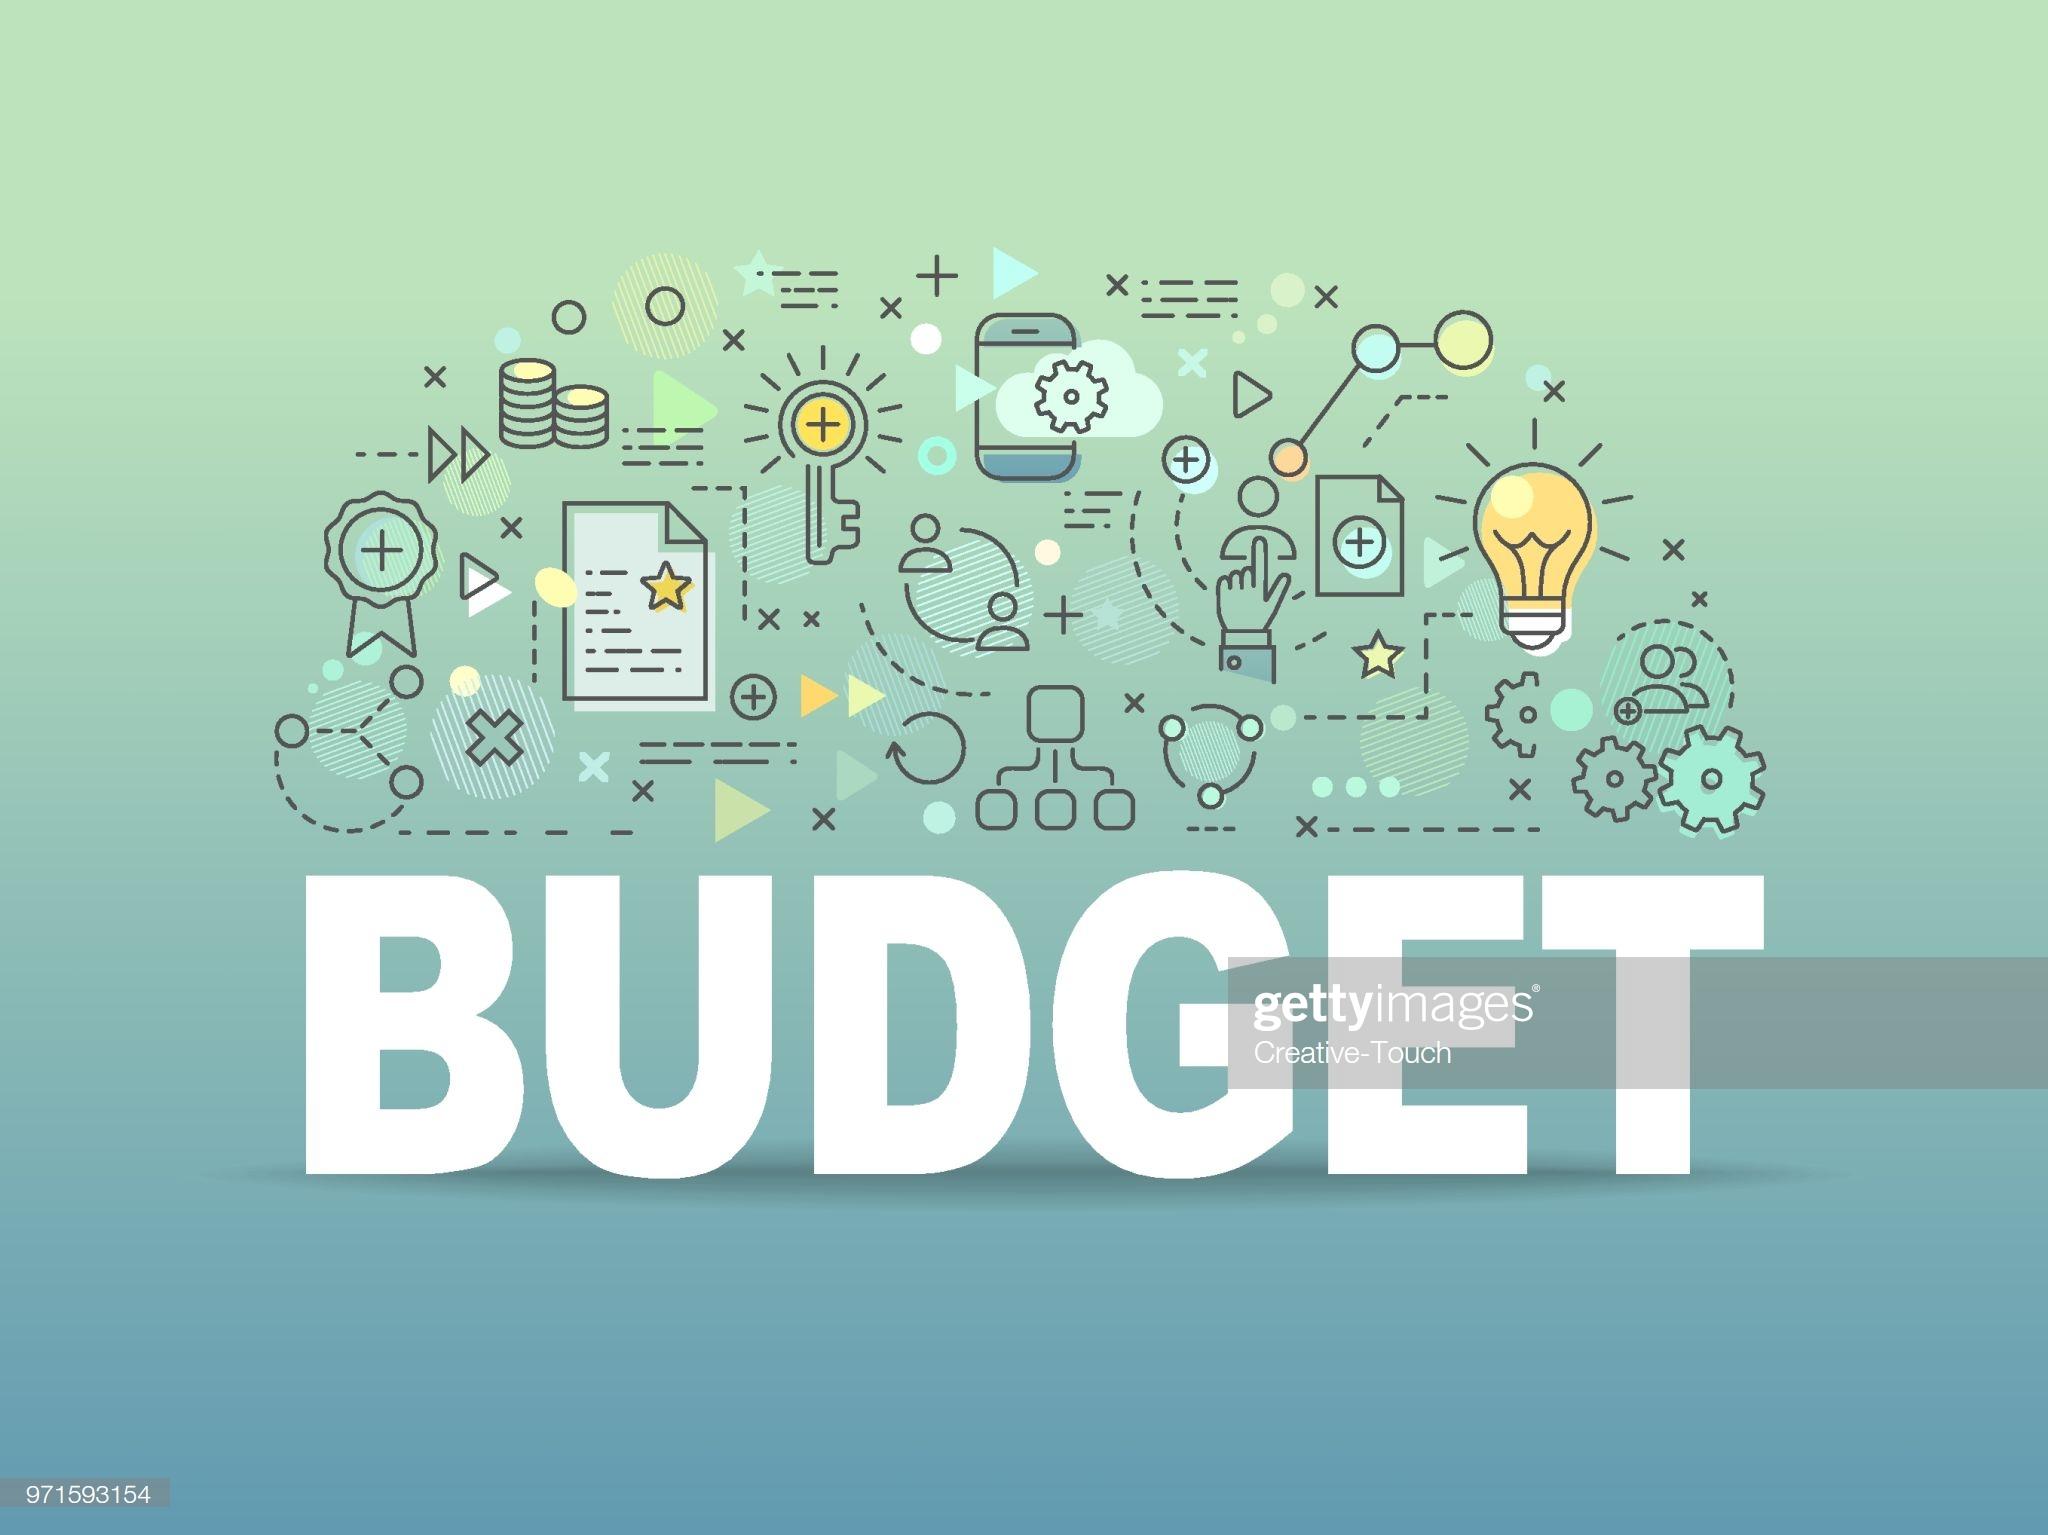 中小企業庁の予算 ③ ものづくり補助金